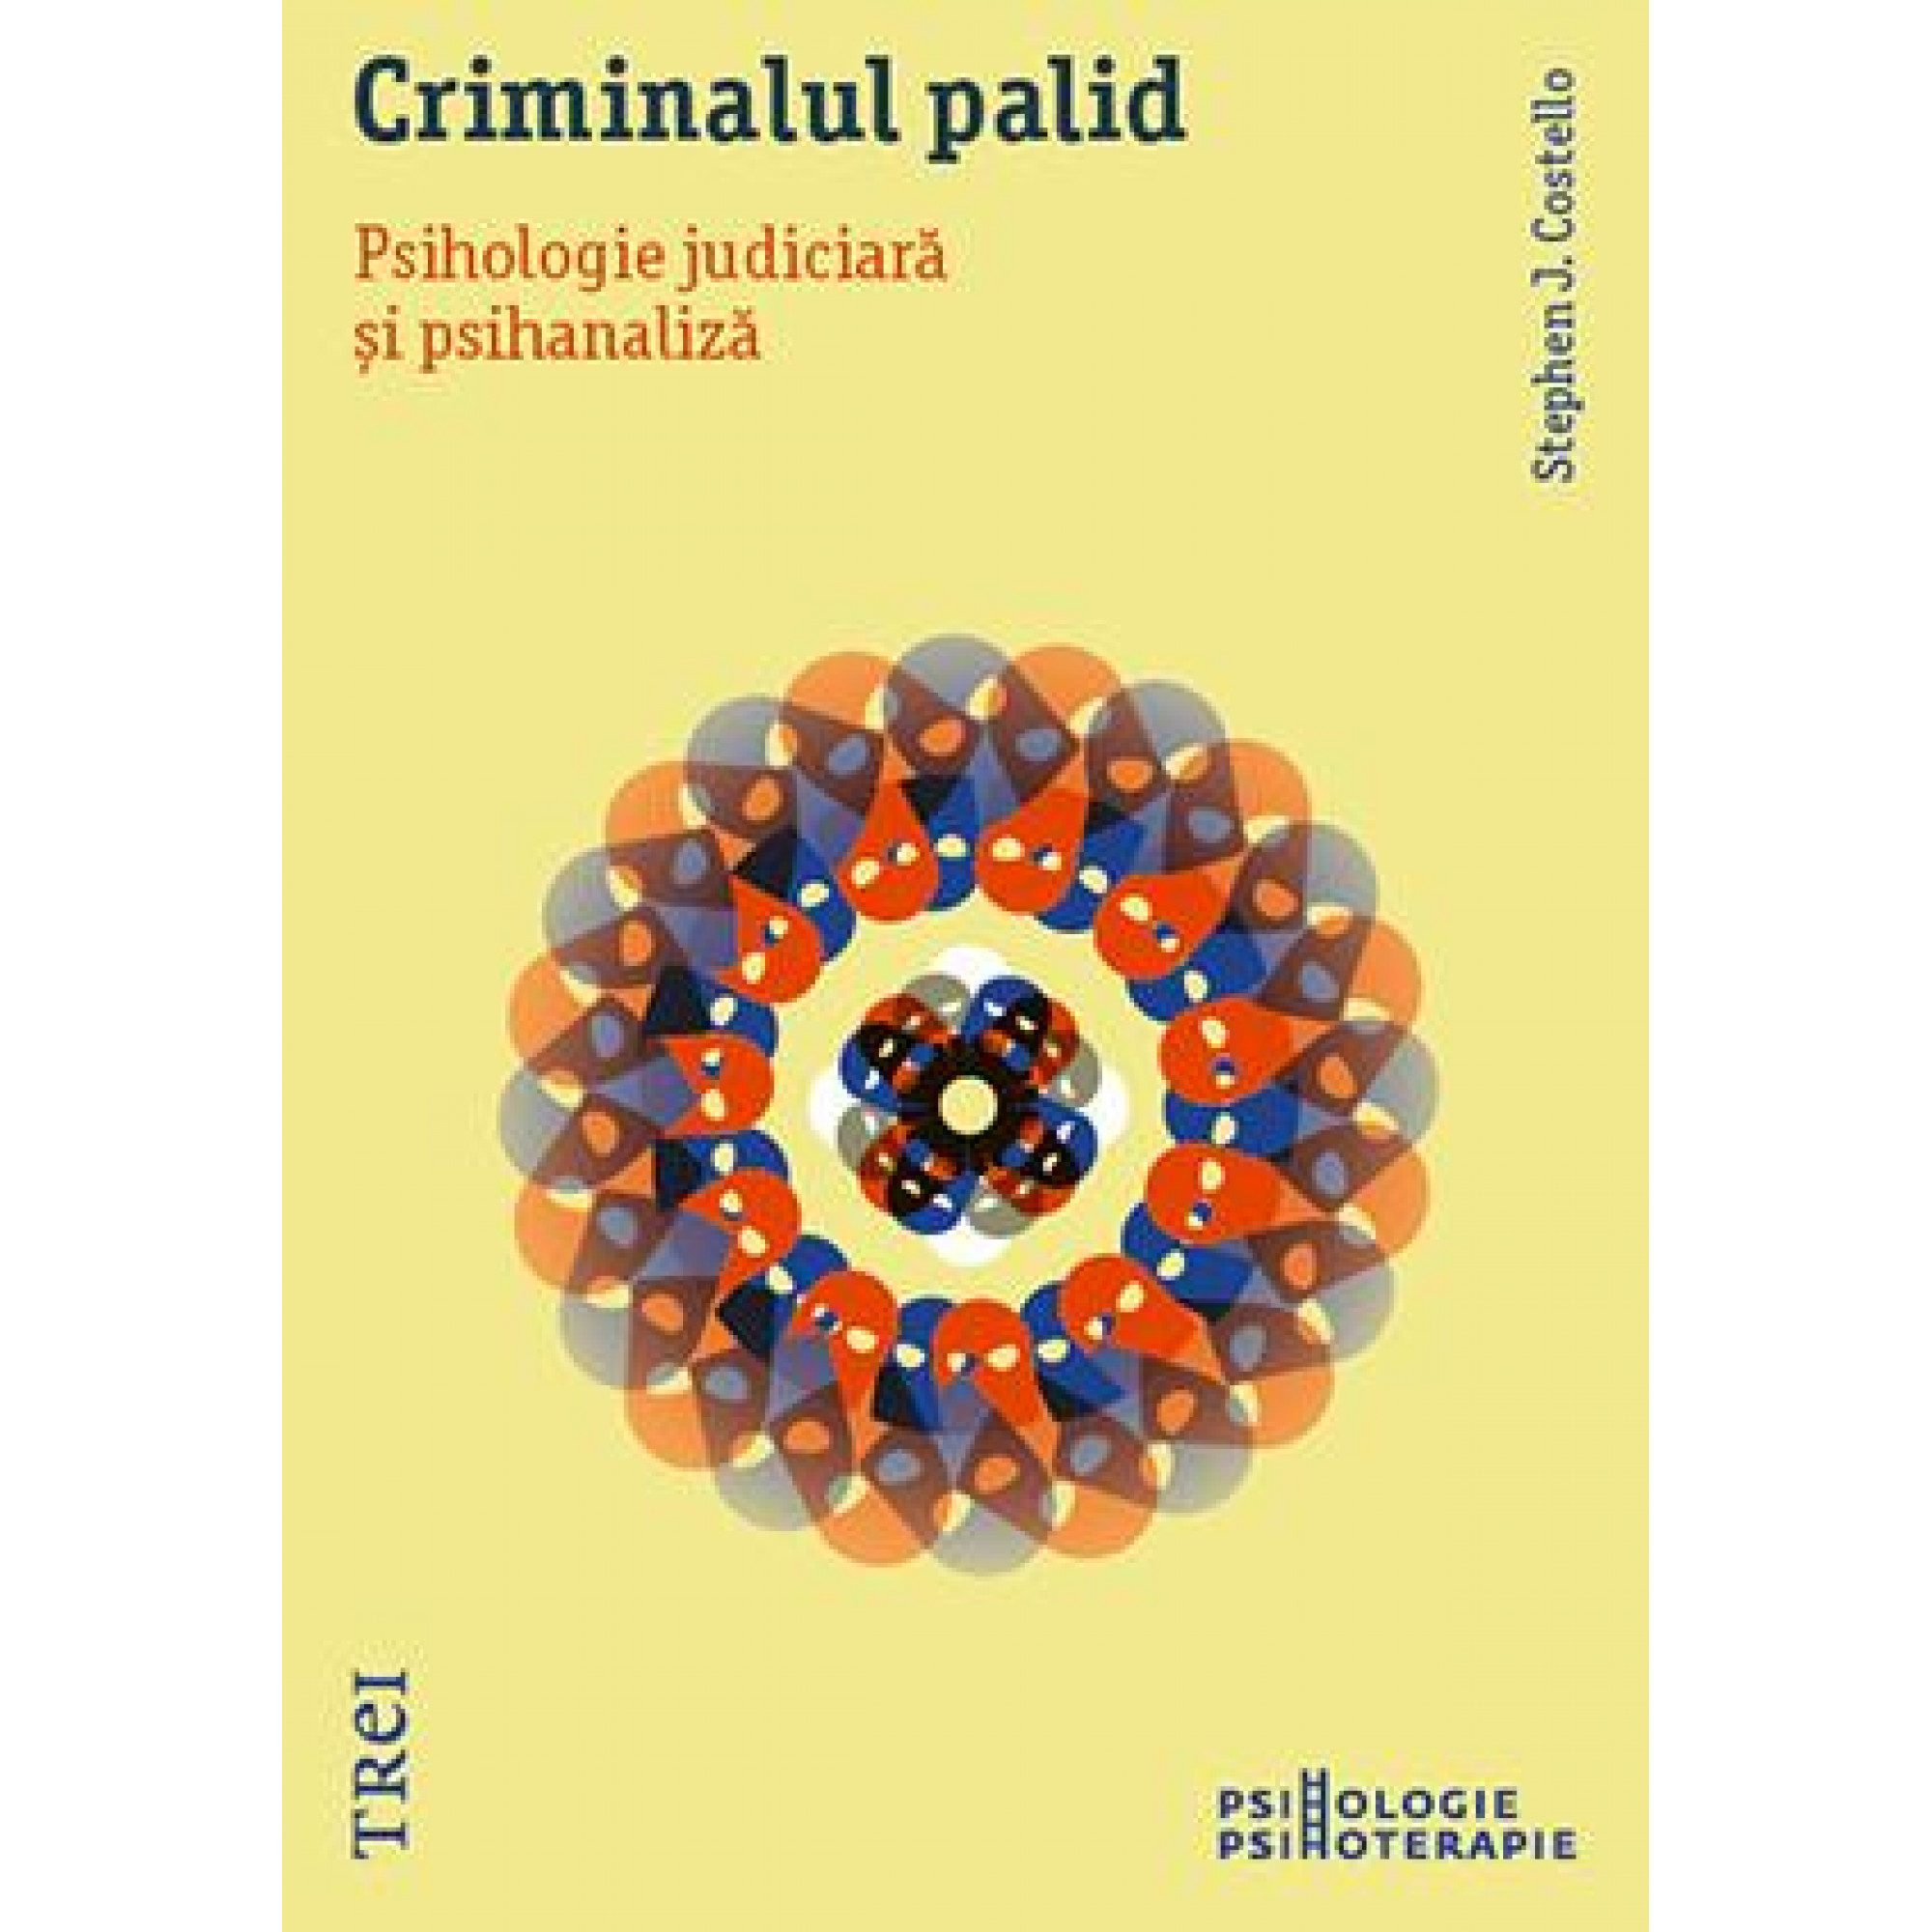 Criminalul palid. Psihologie judiciară și psihanaliză